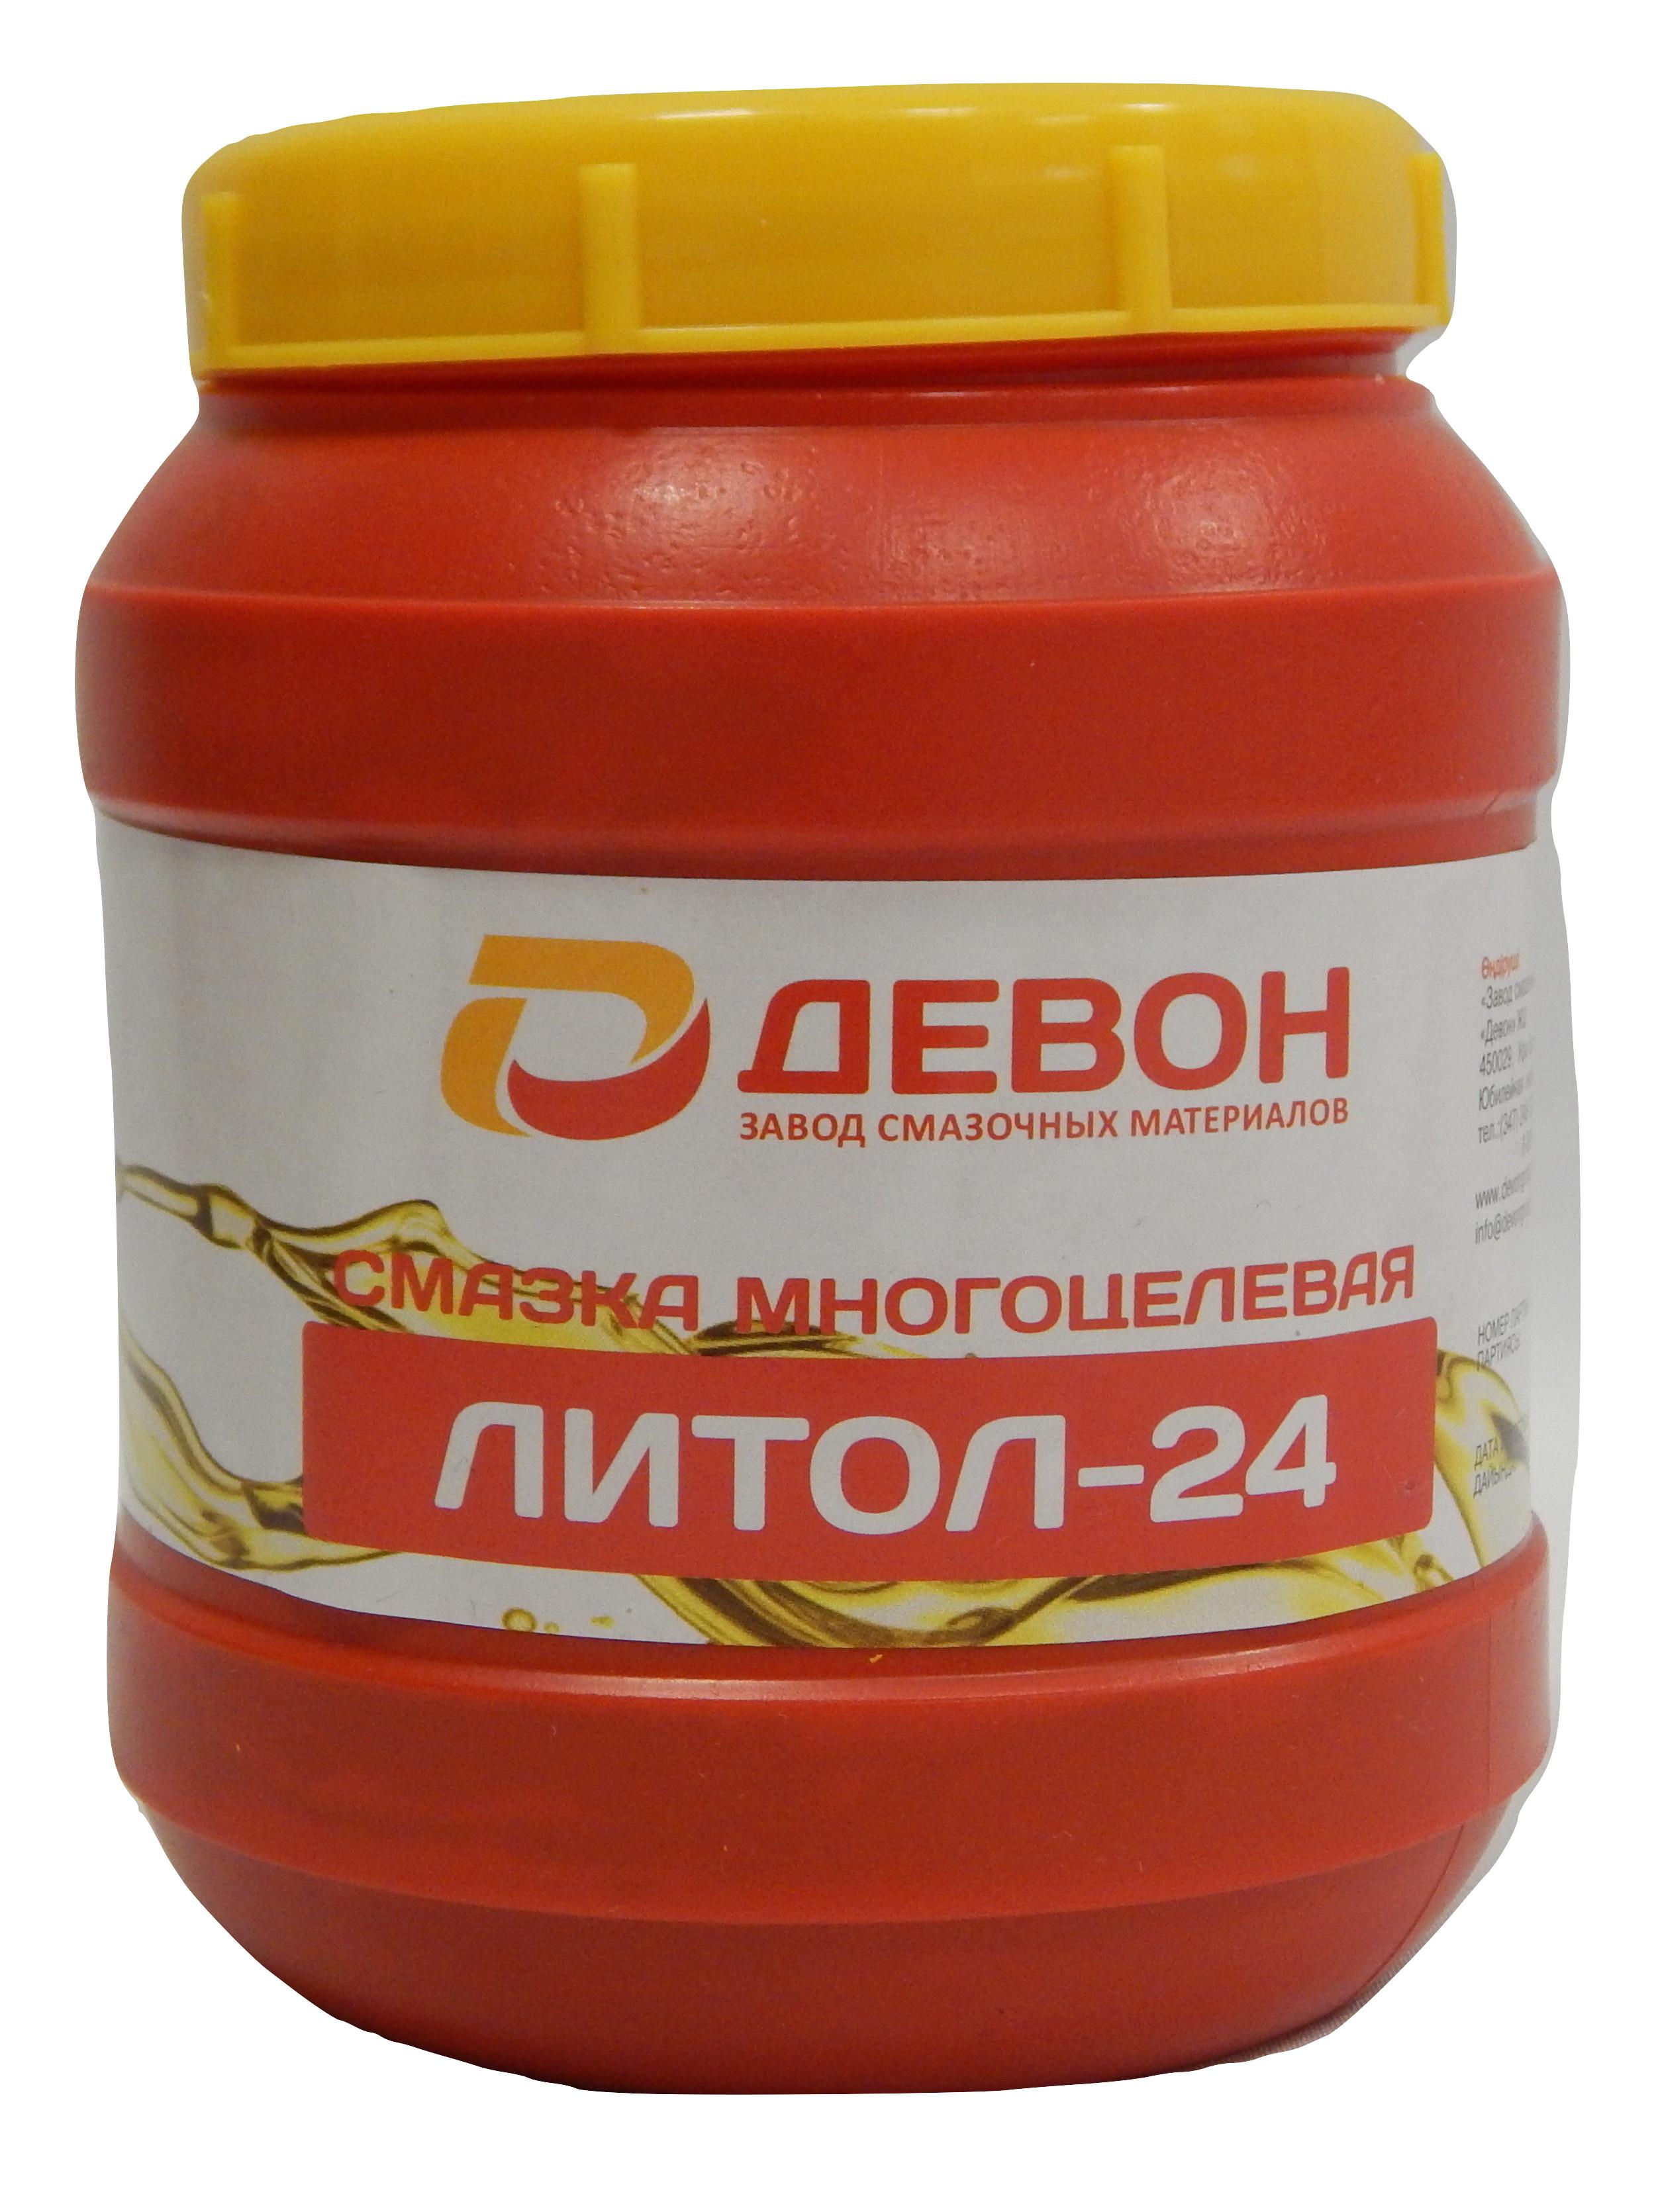 Литол-24 Девон 800 гр.